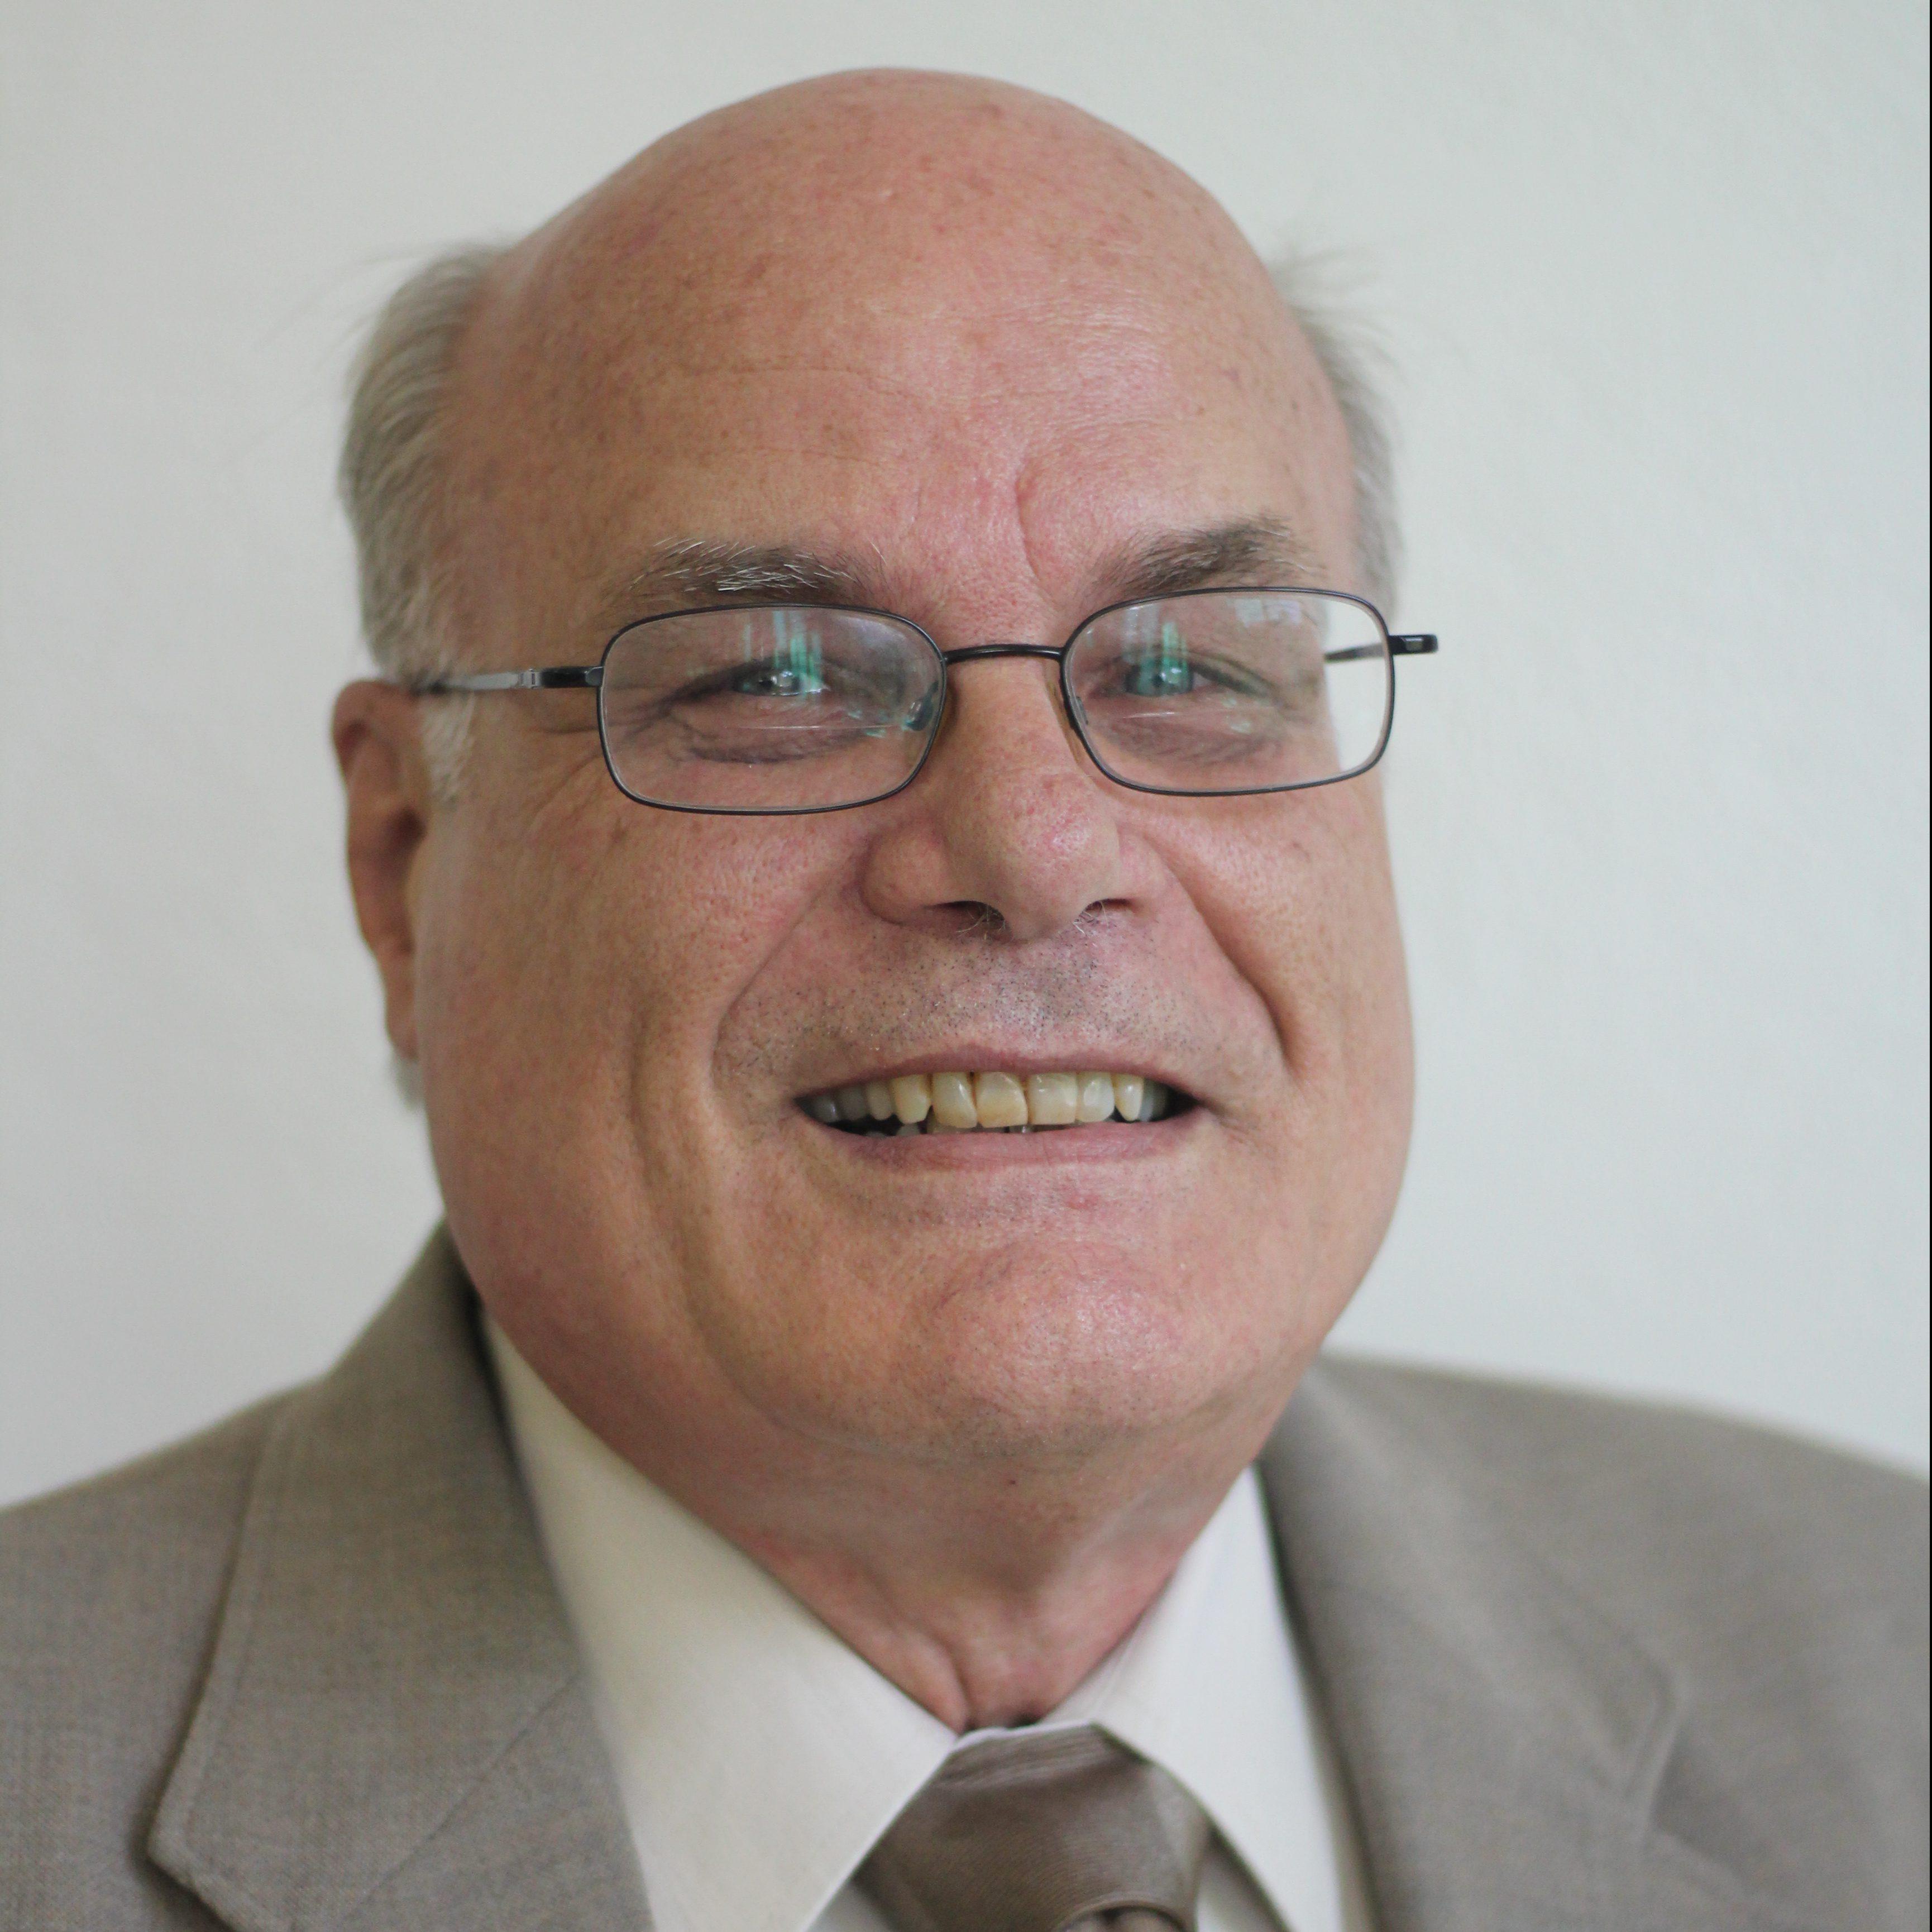 Dr. David Schmid